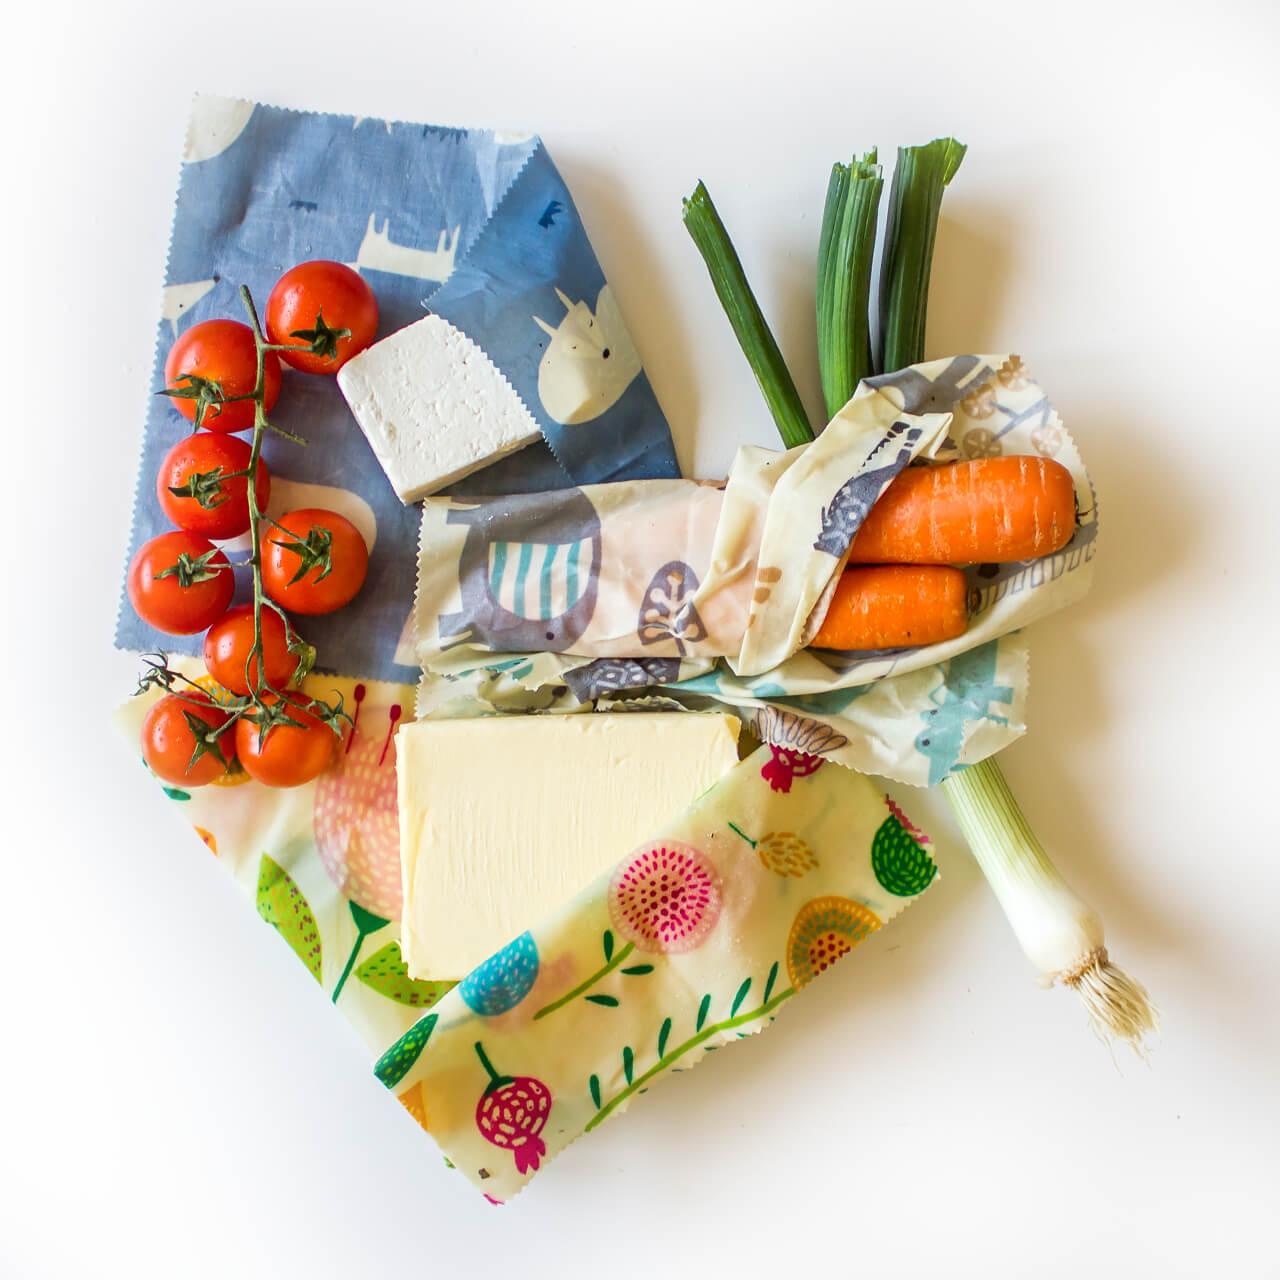 vceli obal - vcelobal na jedlo